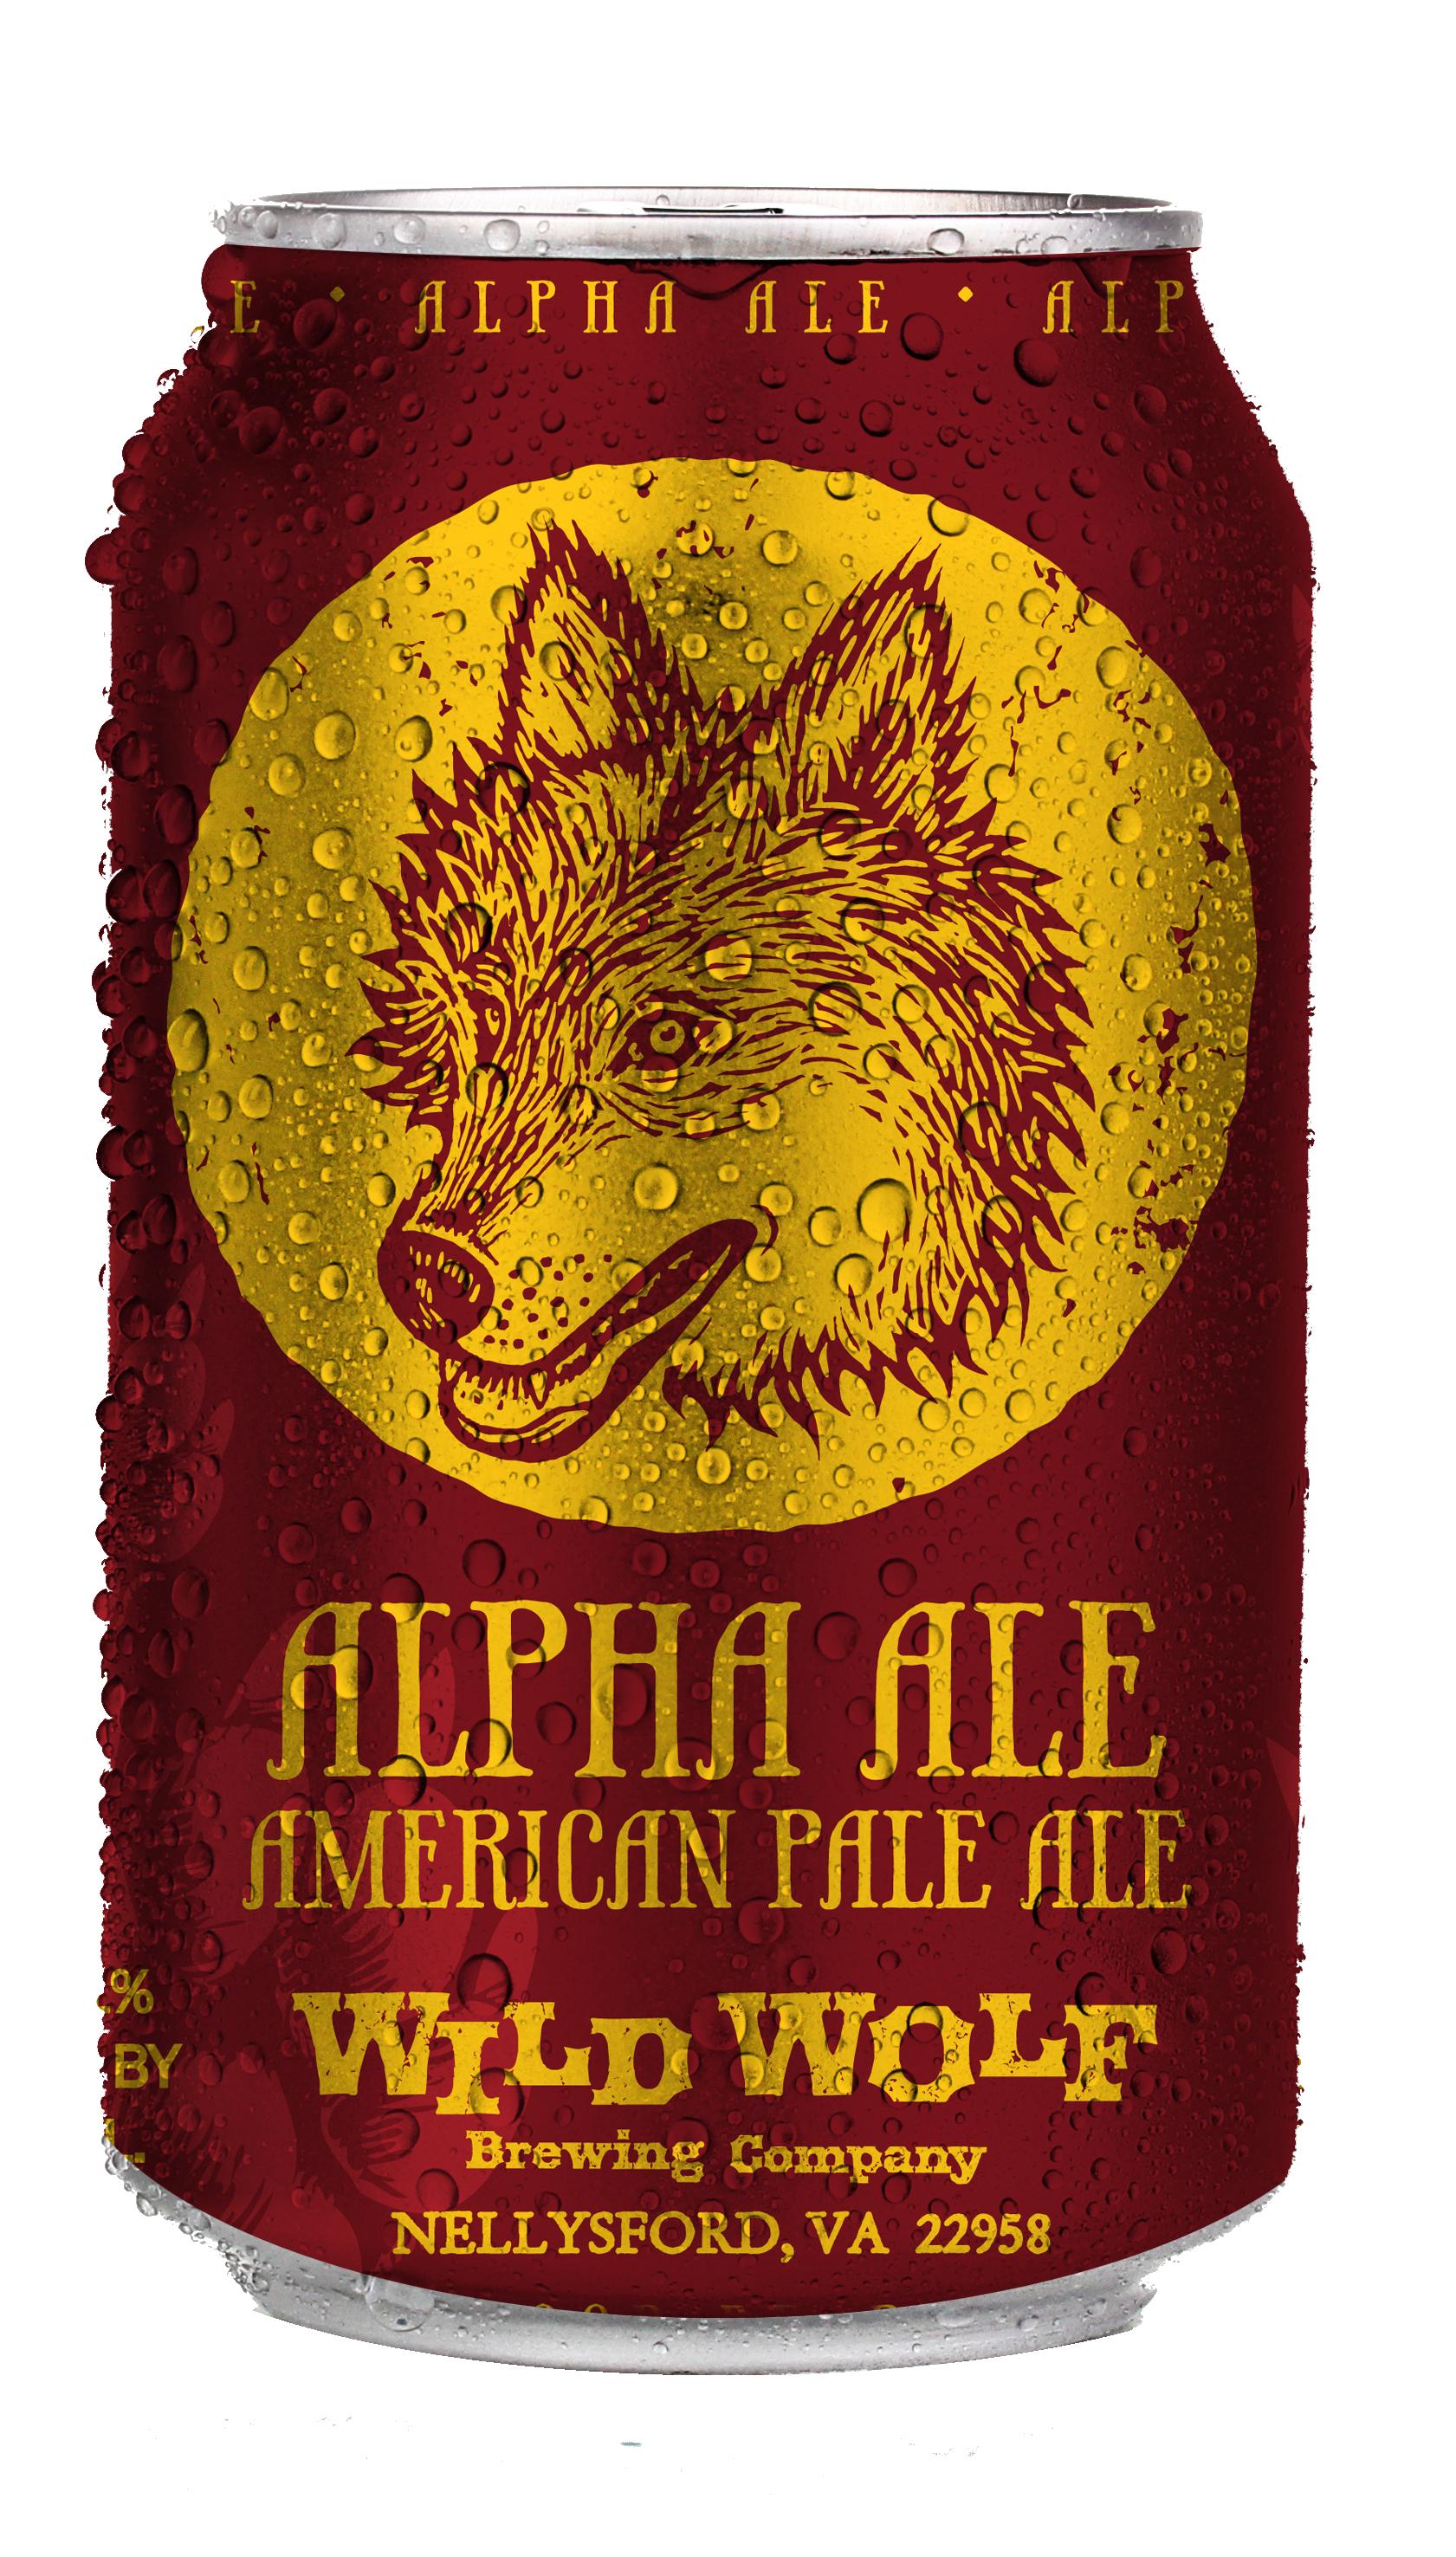 Pin von Wild Wolf Brewing Company auf Our Howlin\' Good Beer | Pinterest